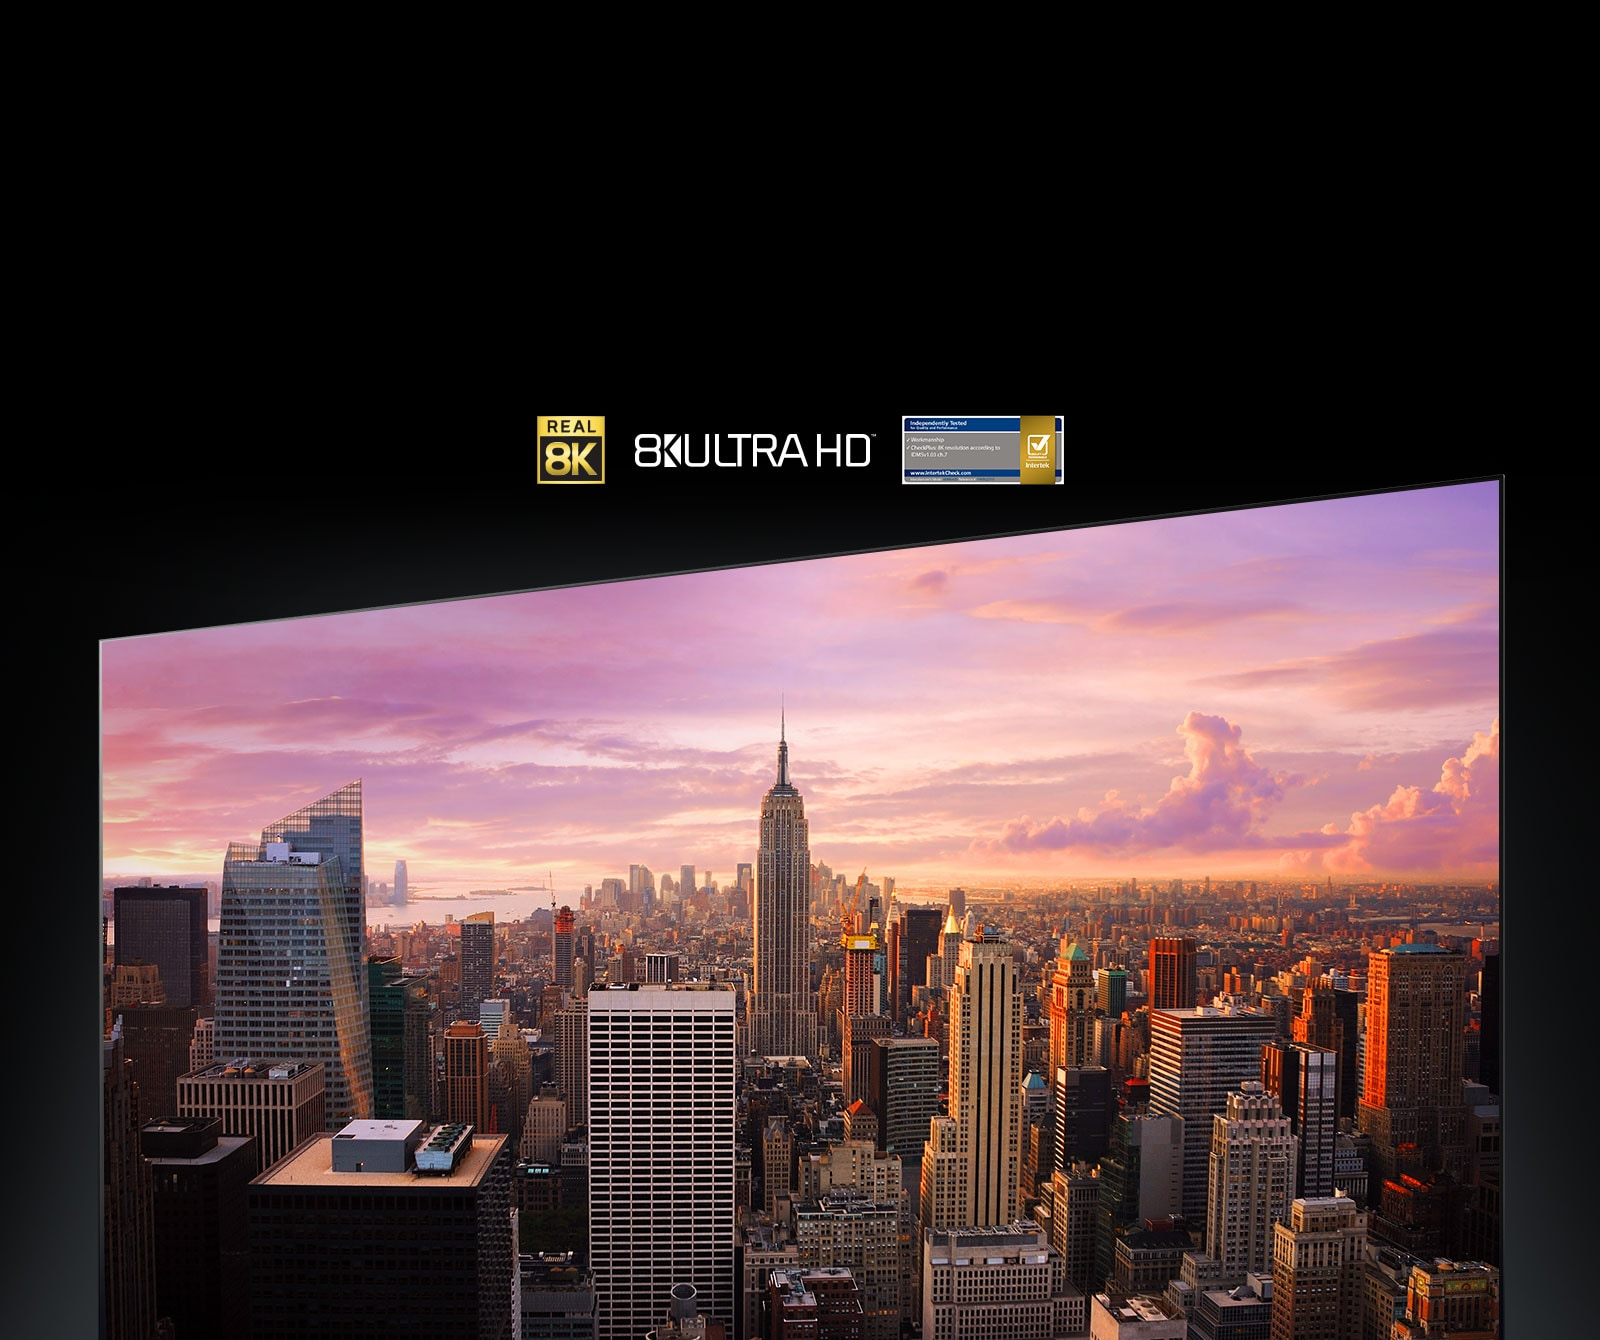 عرض بانورامي لمدينة نيويورك على شاشة التلفزيون